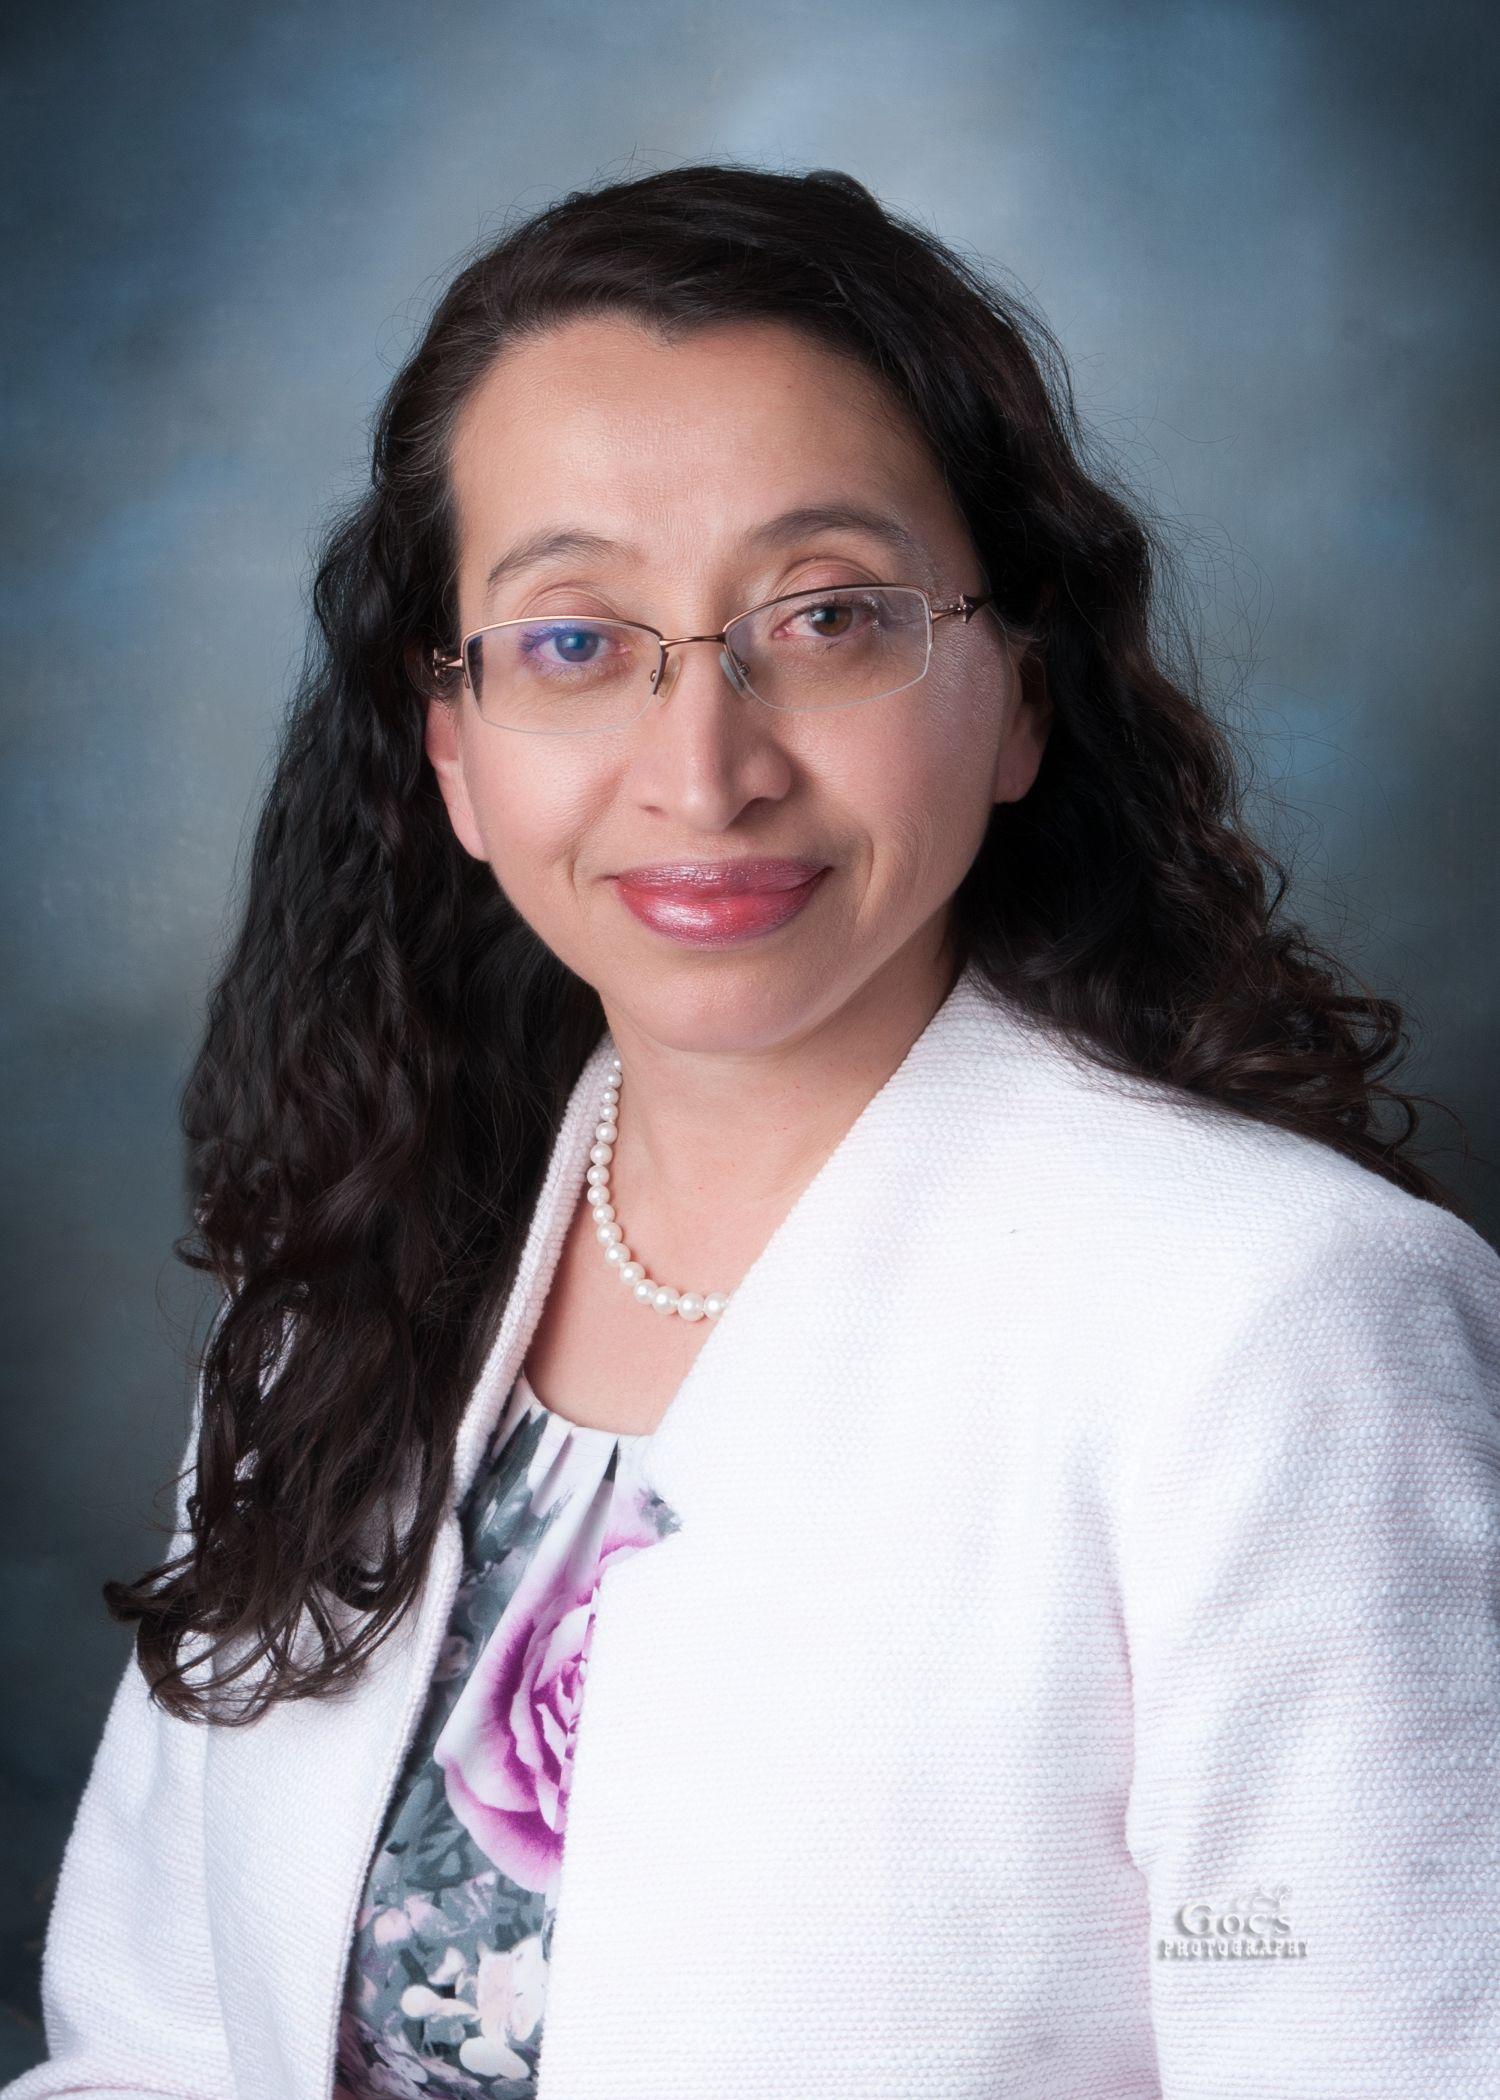 Dr. Rodriguez-Cline